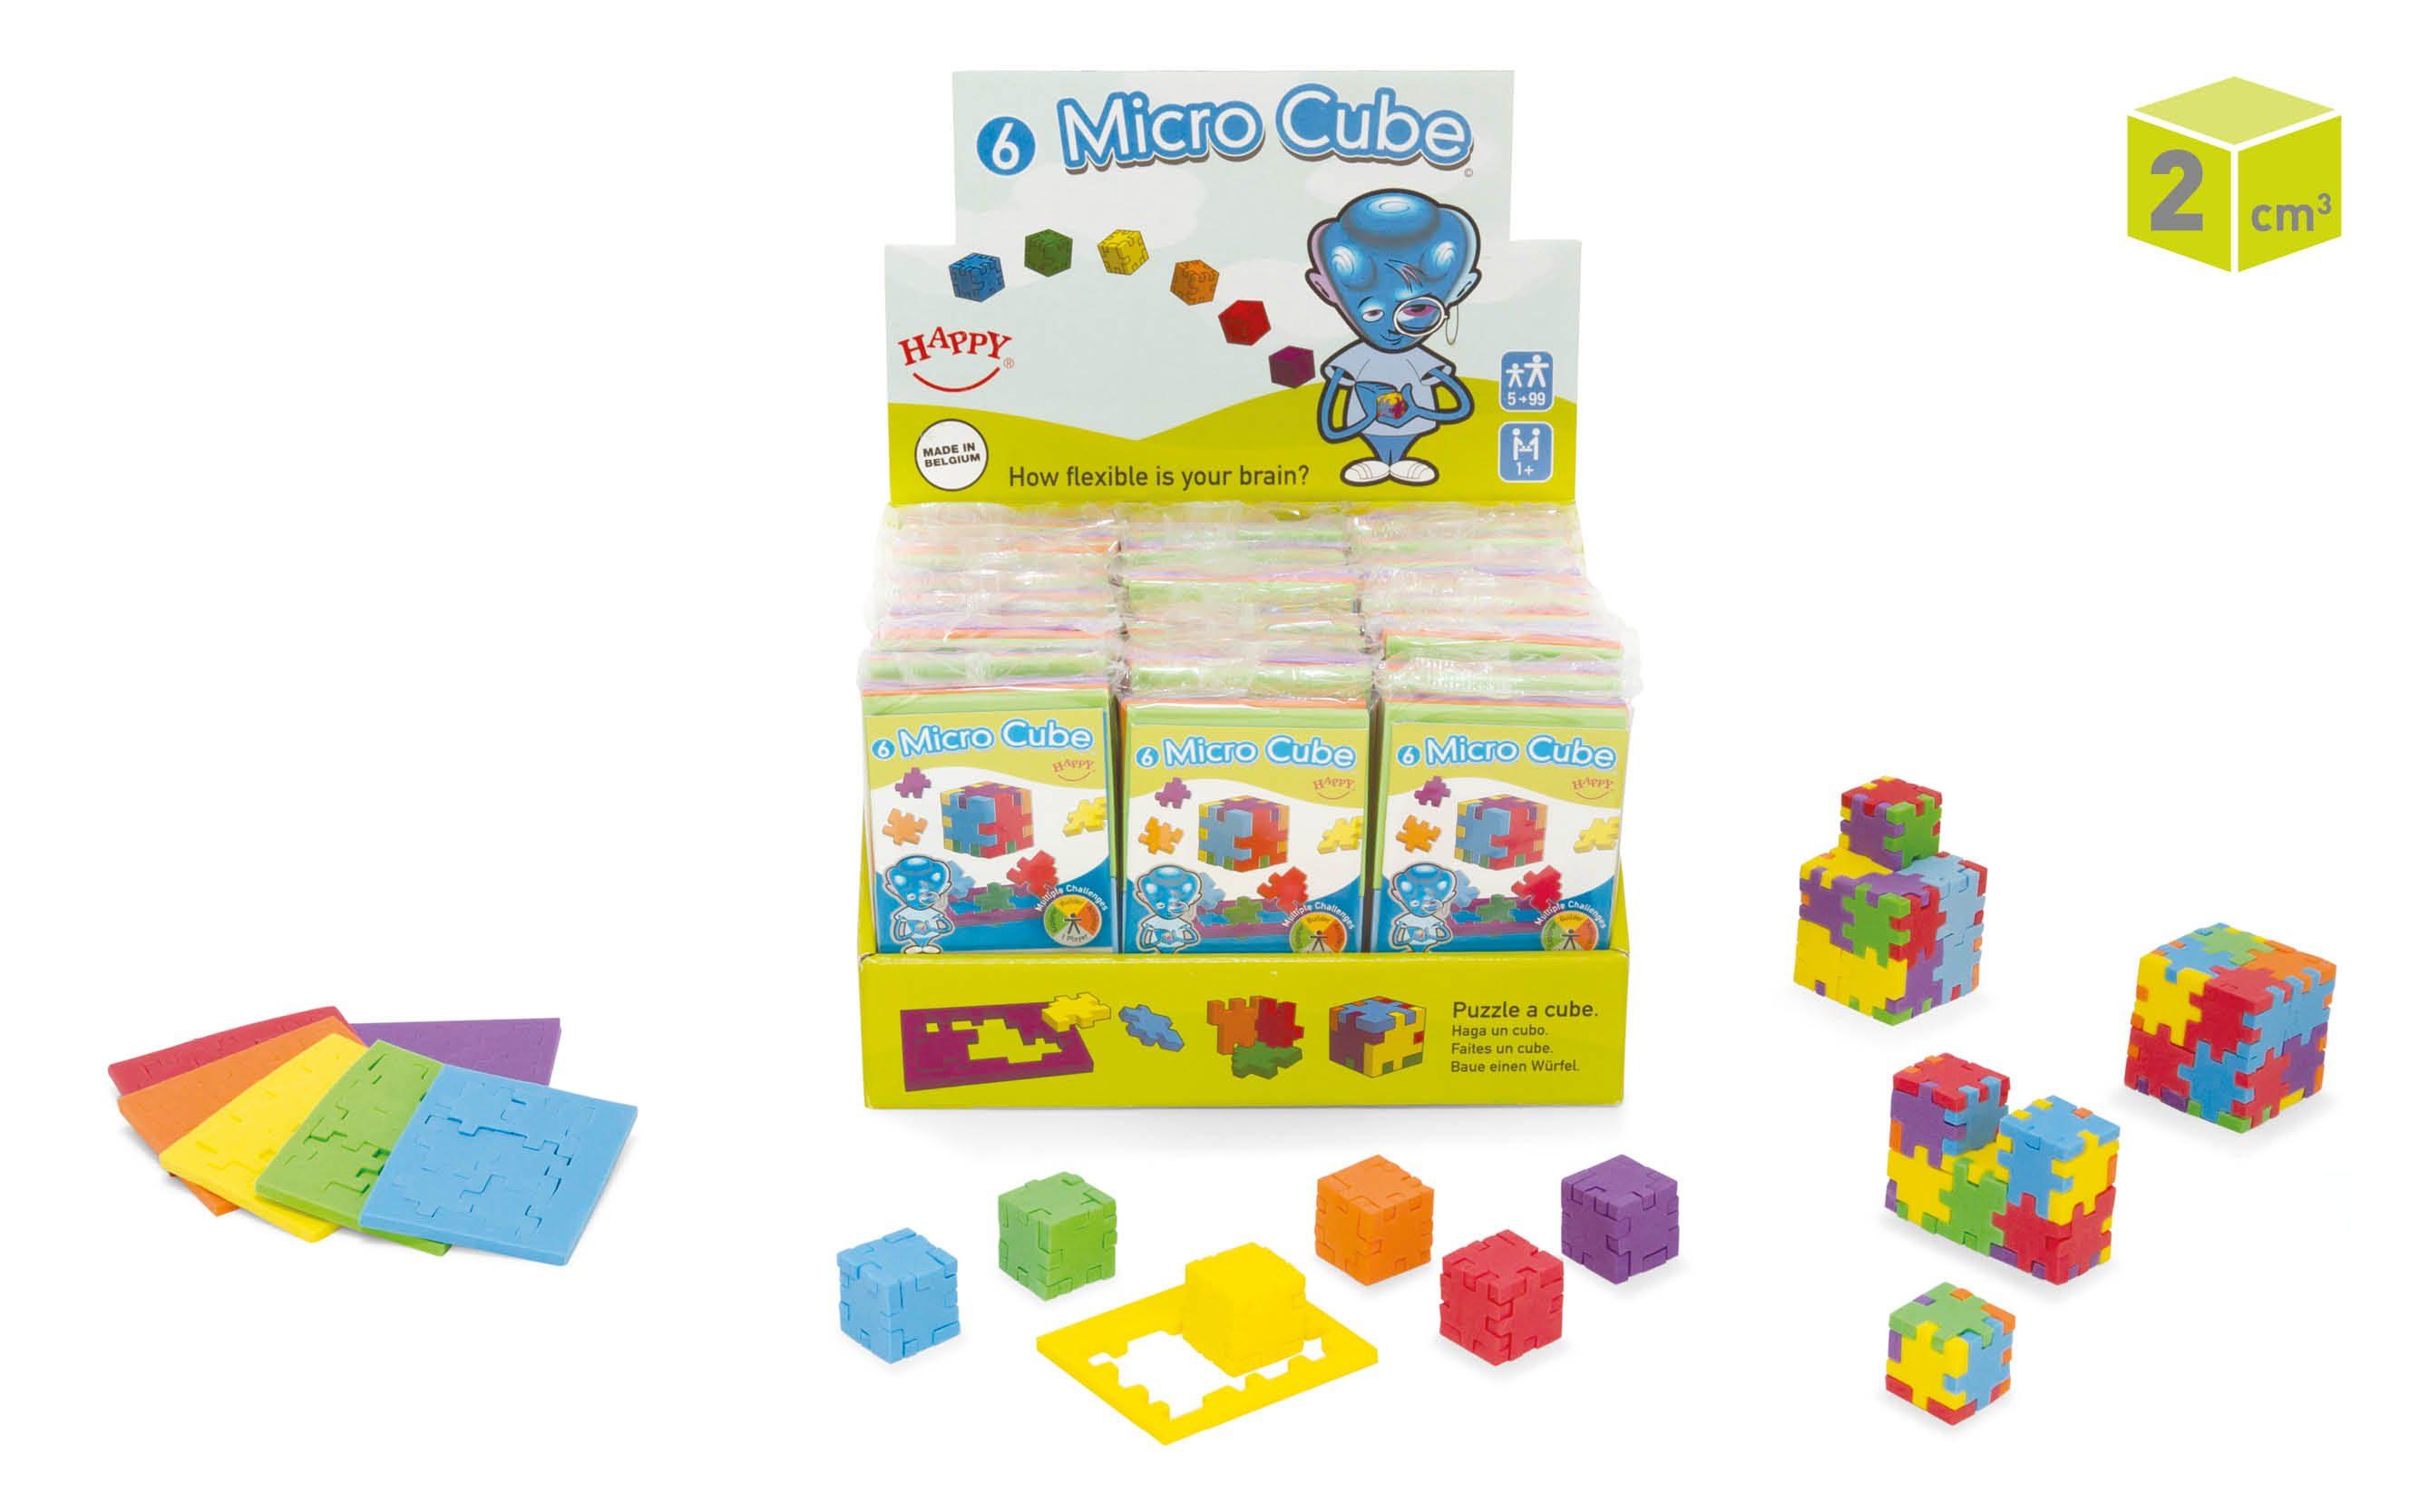 Happy_MicroCube_30-display4_foamcubepuzzles-mini